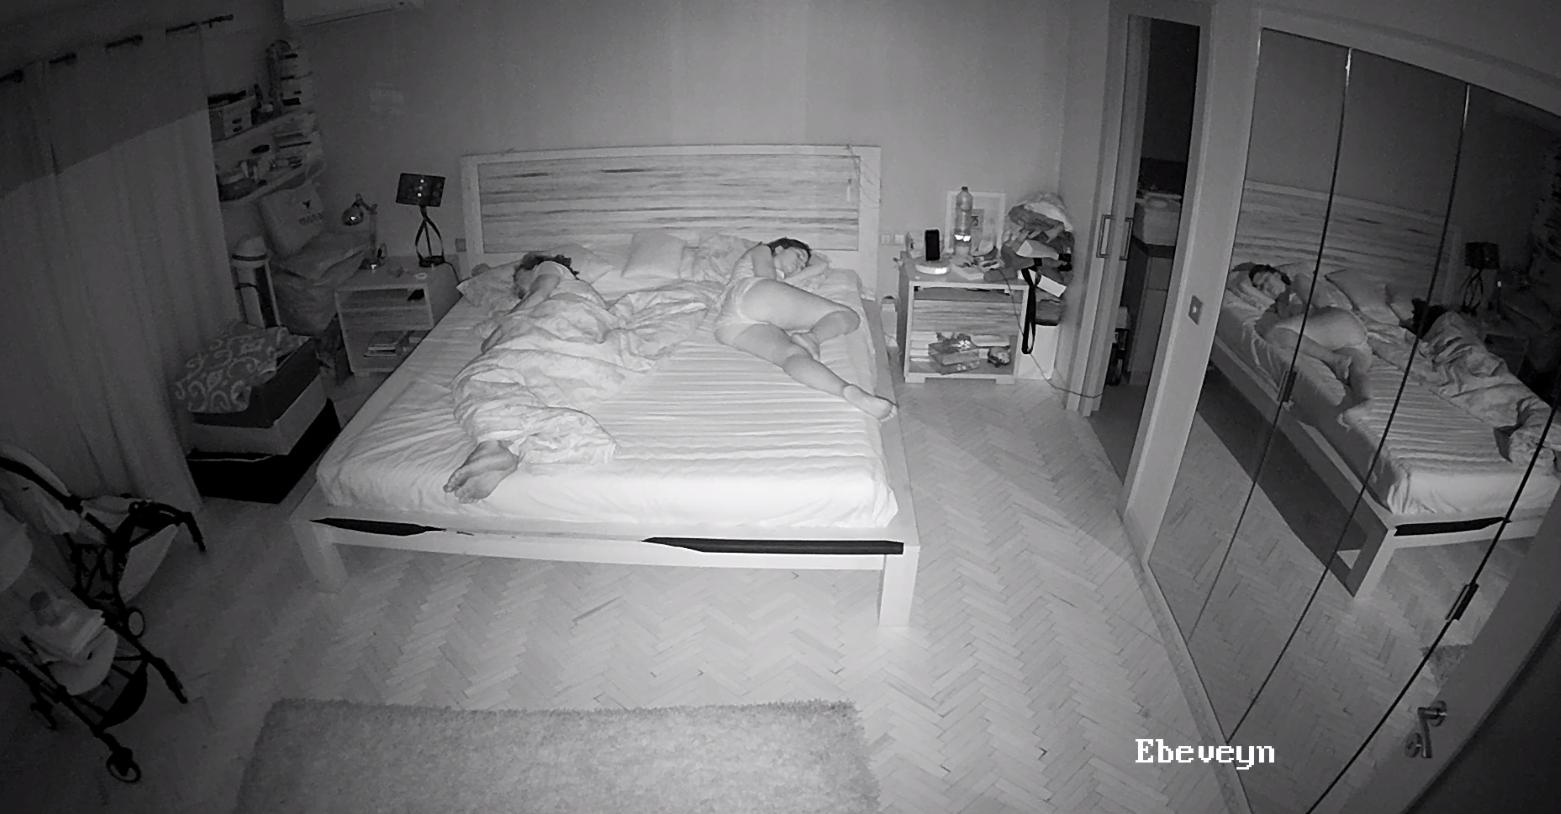 Скрытое порно видеонаблюдение в квартире